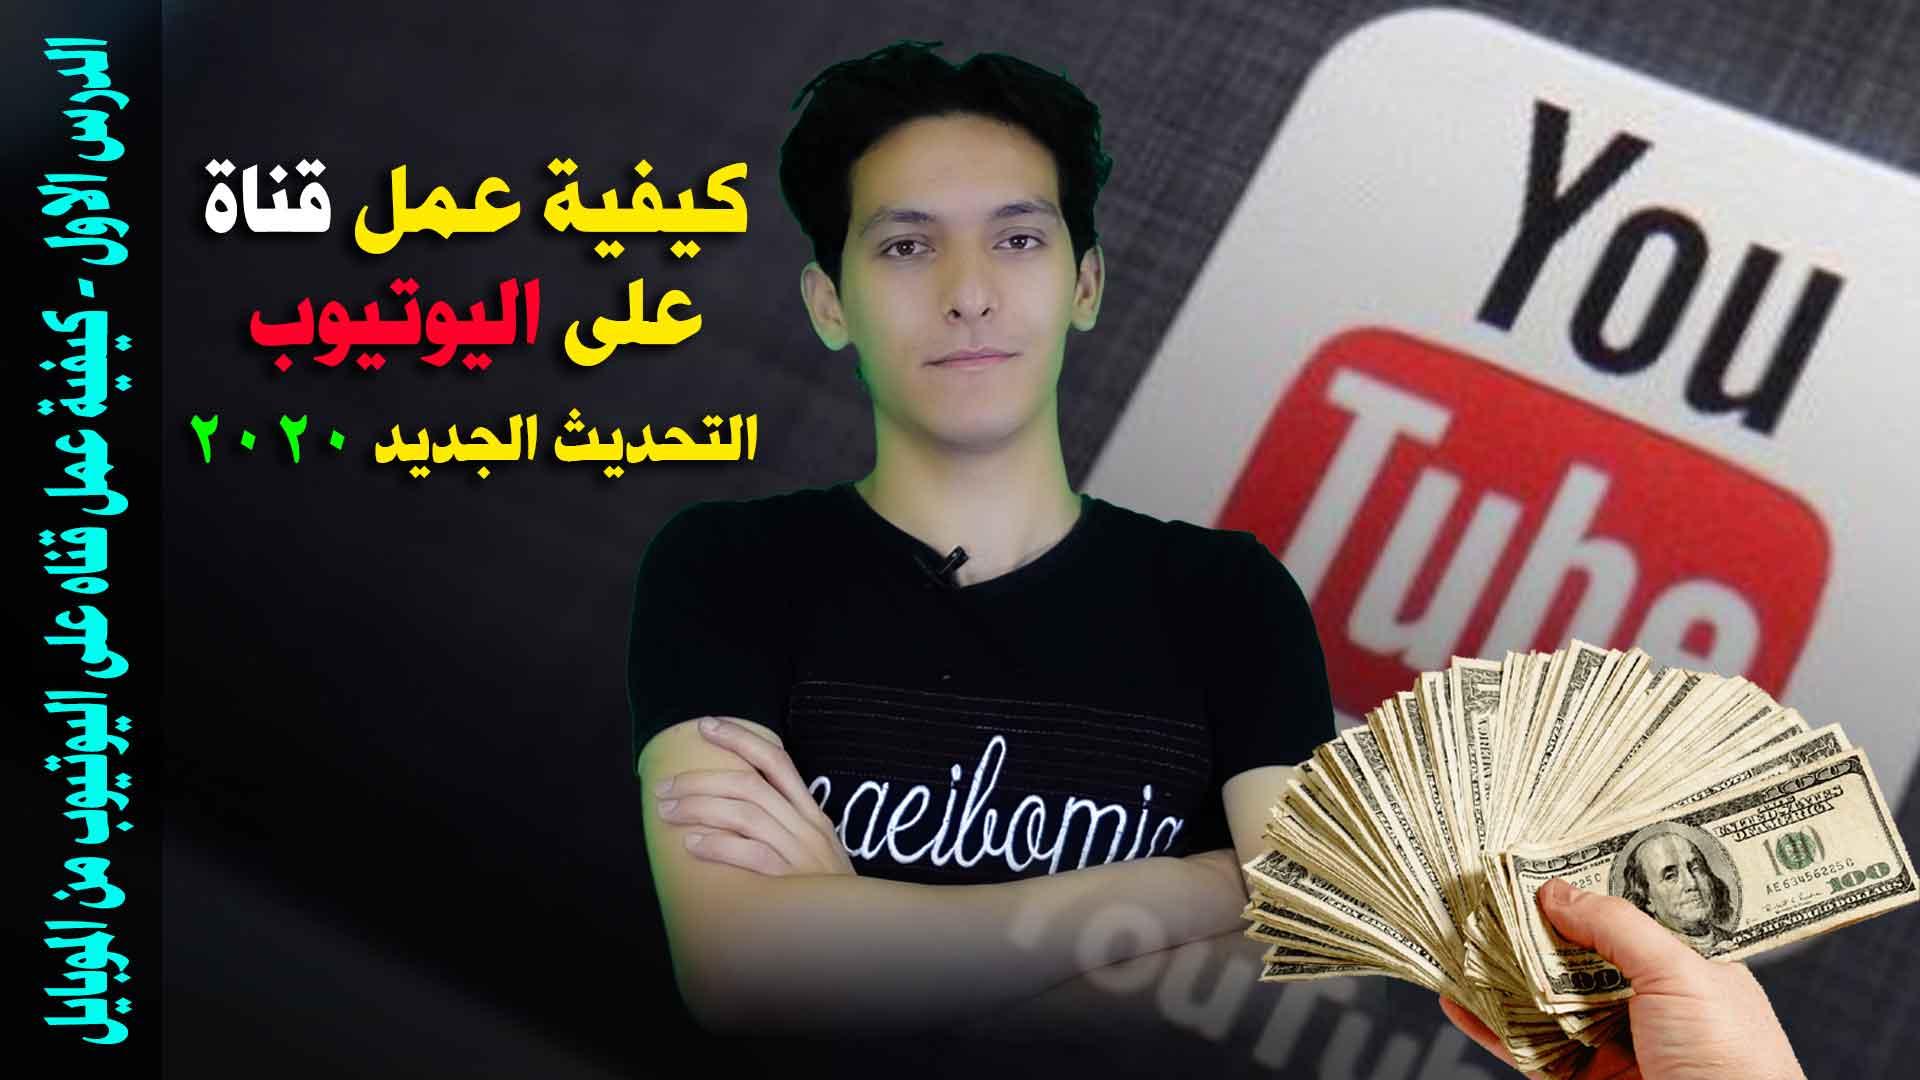 الدرس الاول : كيفية عمل قناة على اليوتيوب وربطها بادسنس 2020